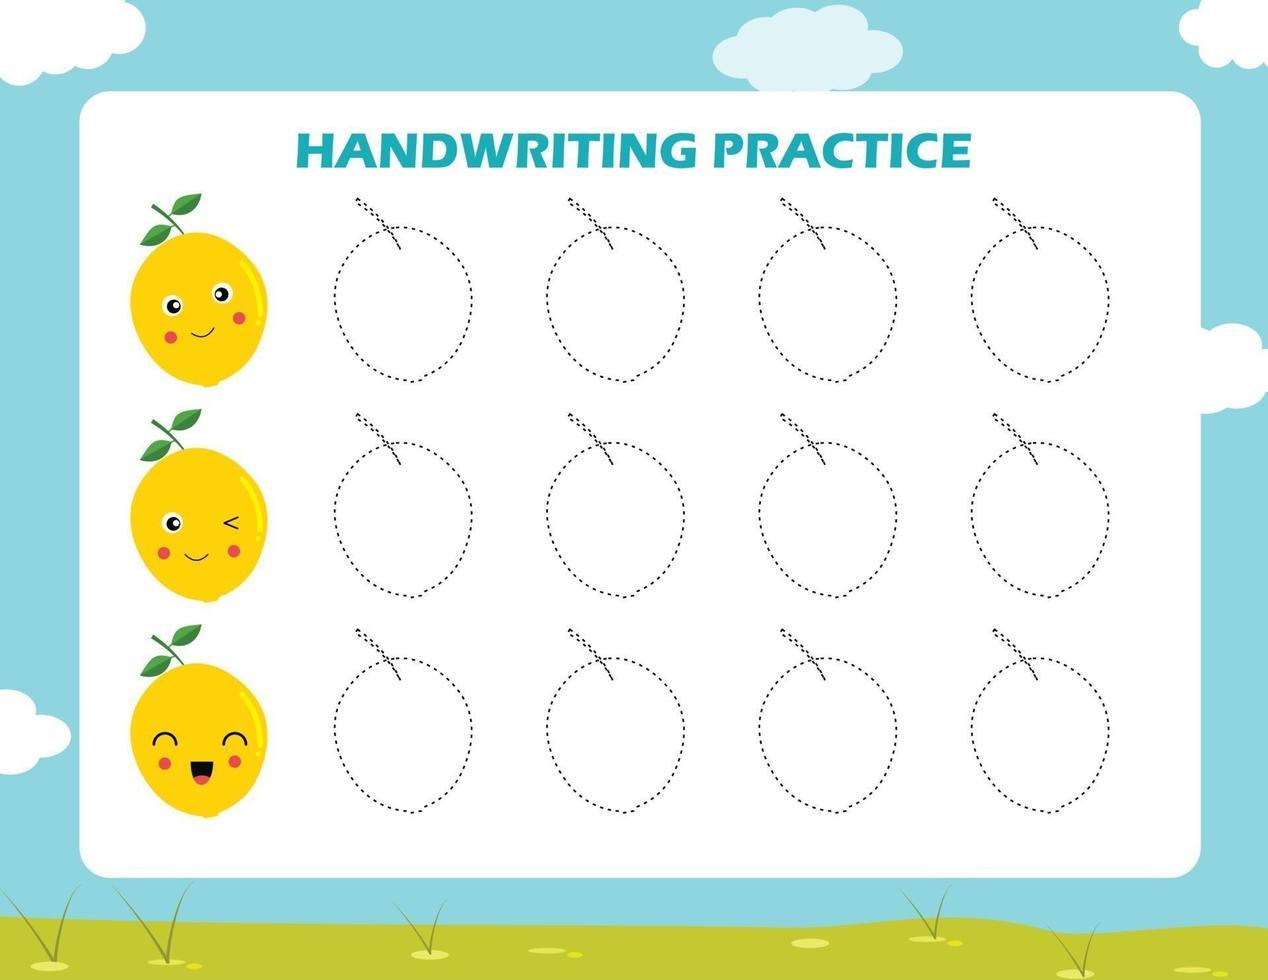 traza las líneas con frutas de dibujos animados. práctica de la escritura. vector